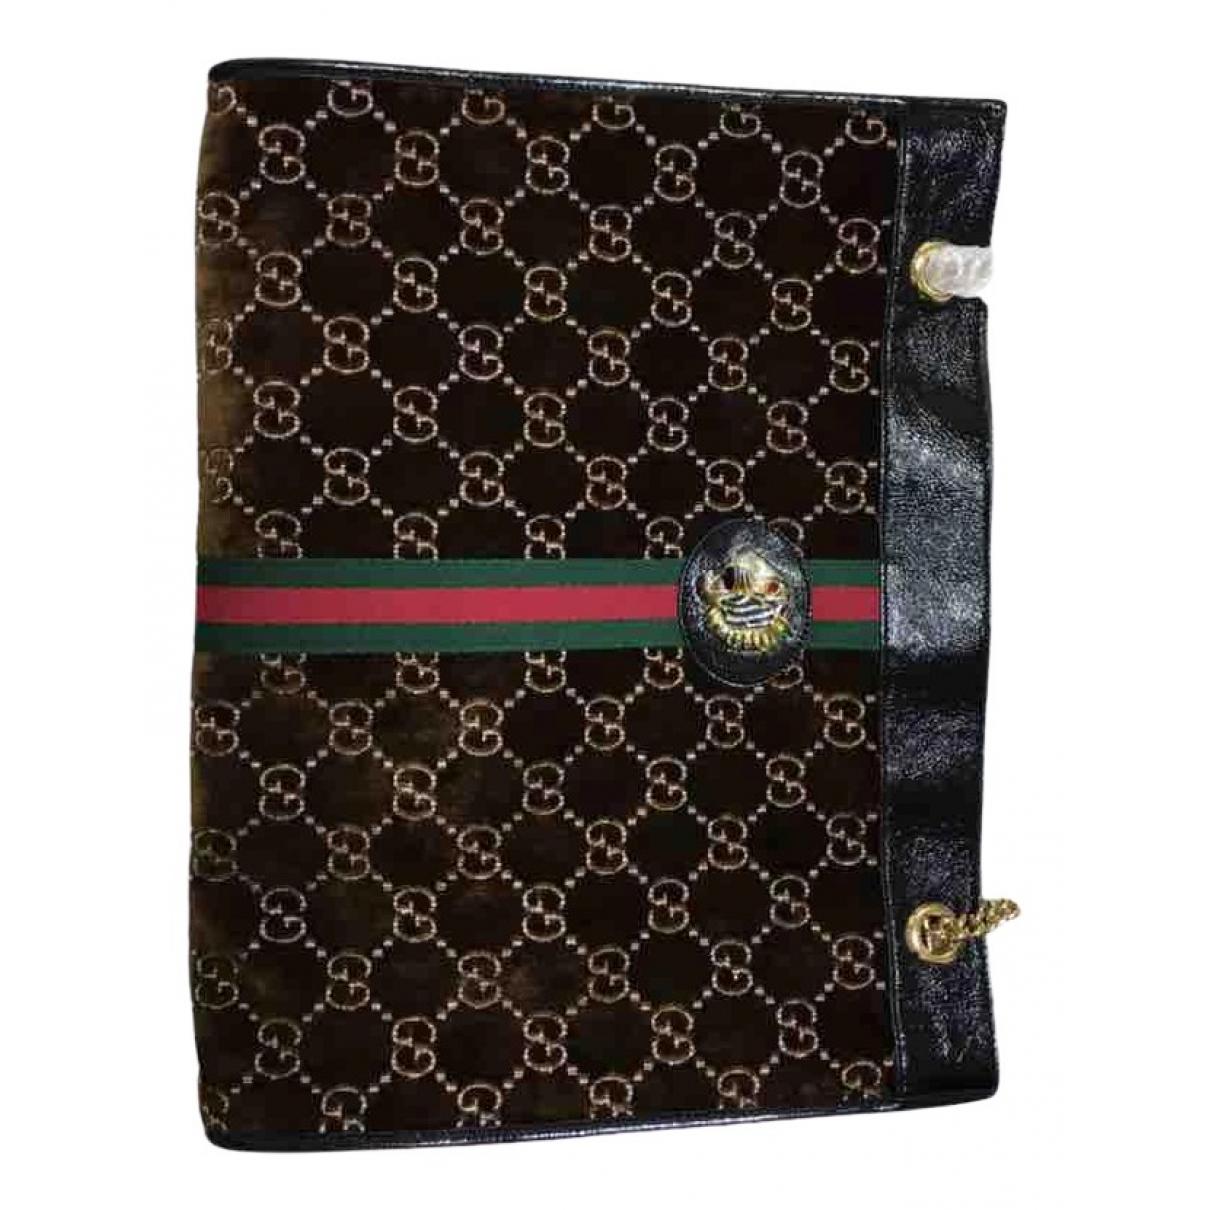 Gucci Rajah Handtasche in  Braun Samt